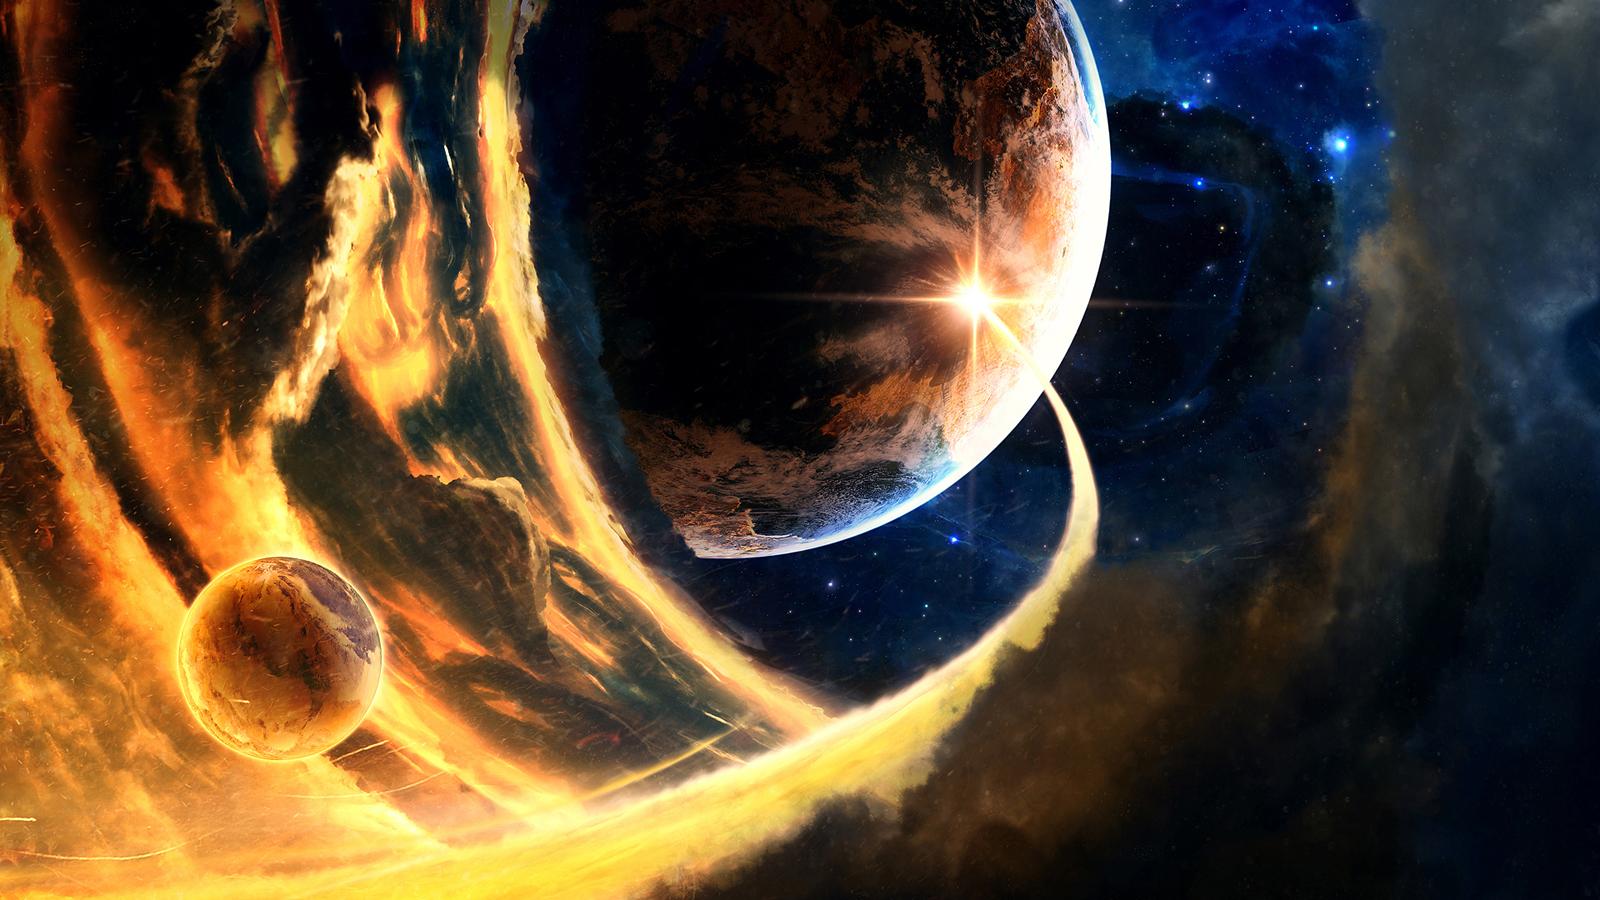 http://4.bp.blogspot.com/-urn6a-X9AFM/TiNqbHiOPII/AAAAAAAAAFs/9WWViukPras/s1600/1600x900_Dizorb_Phlegethon_HD_Wallpaper.jpg